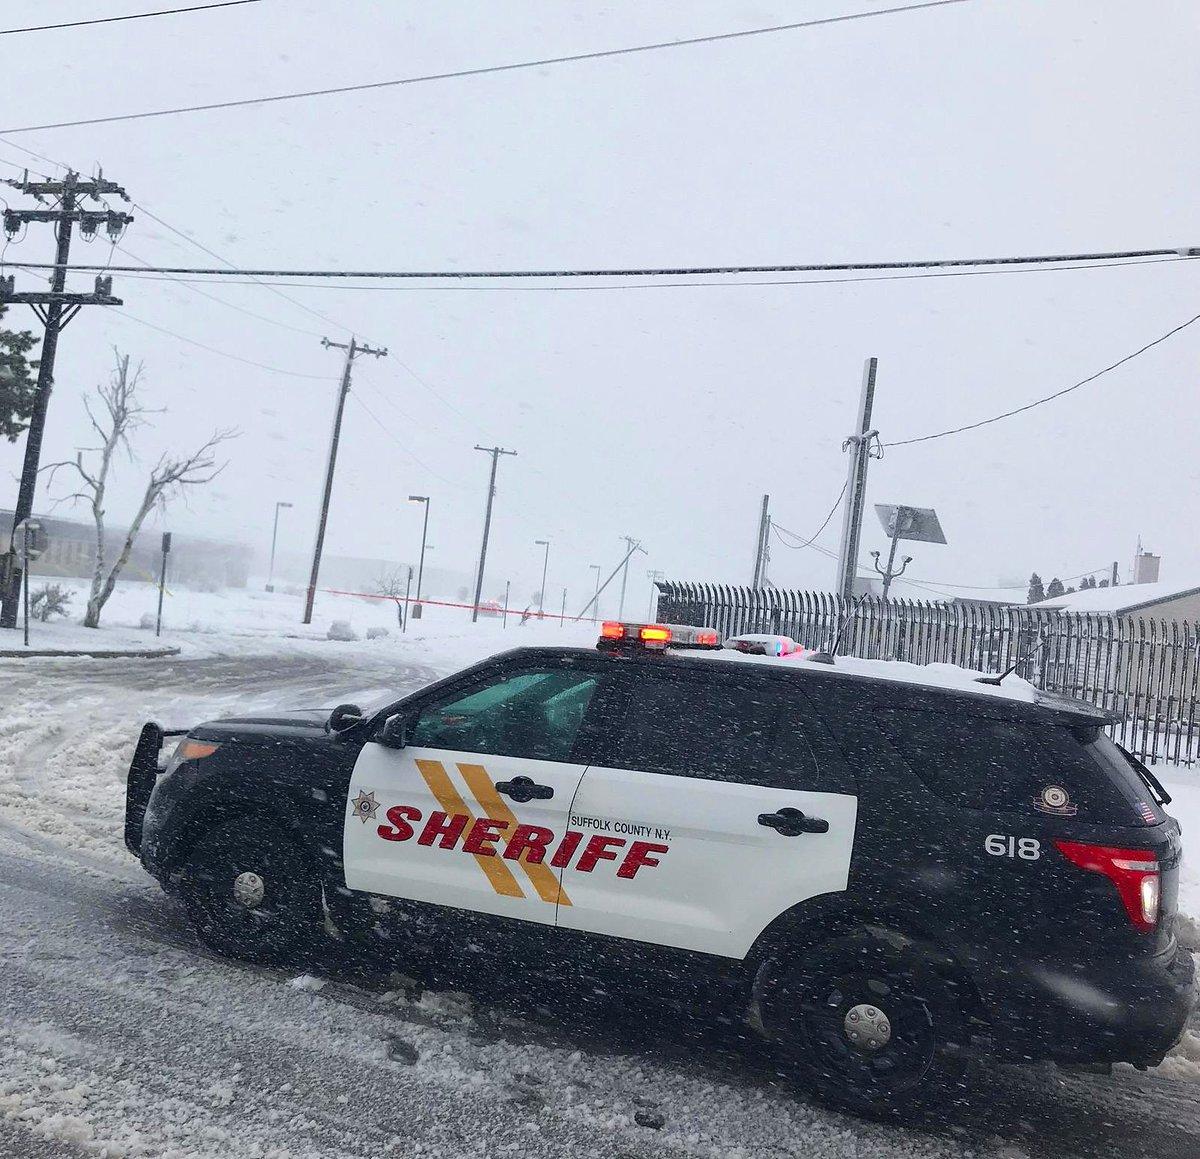 Suffolk_Sheriff photo